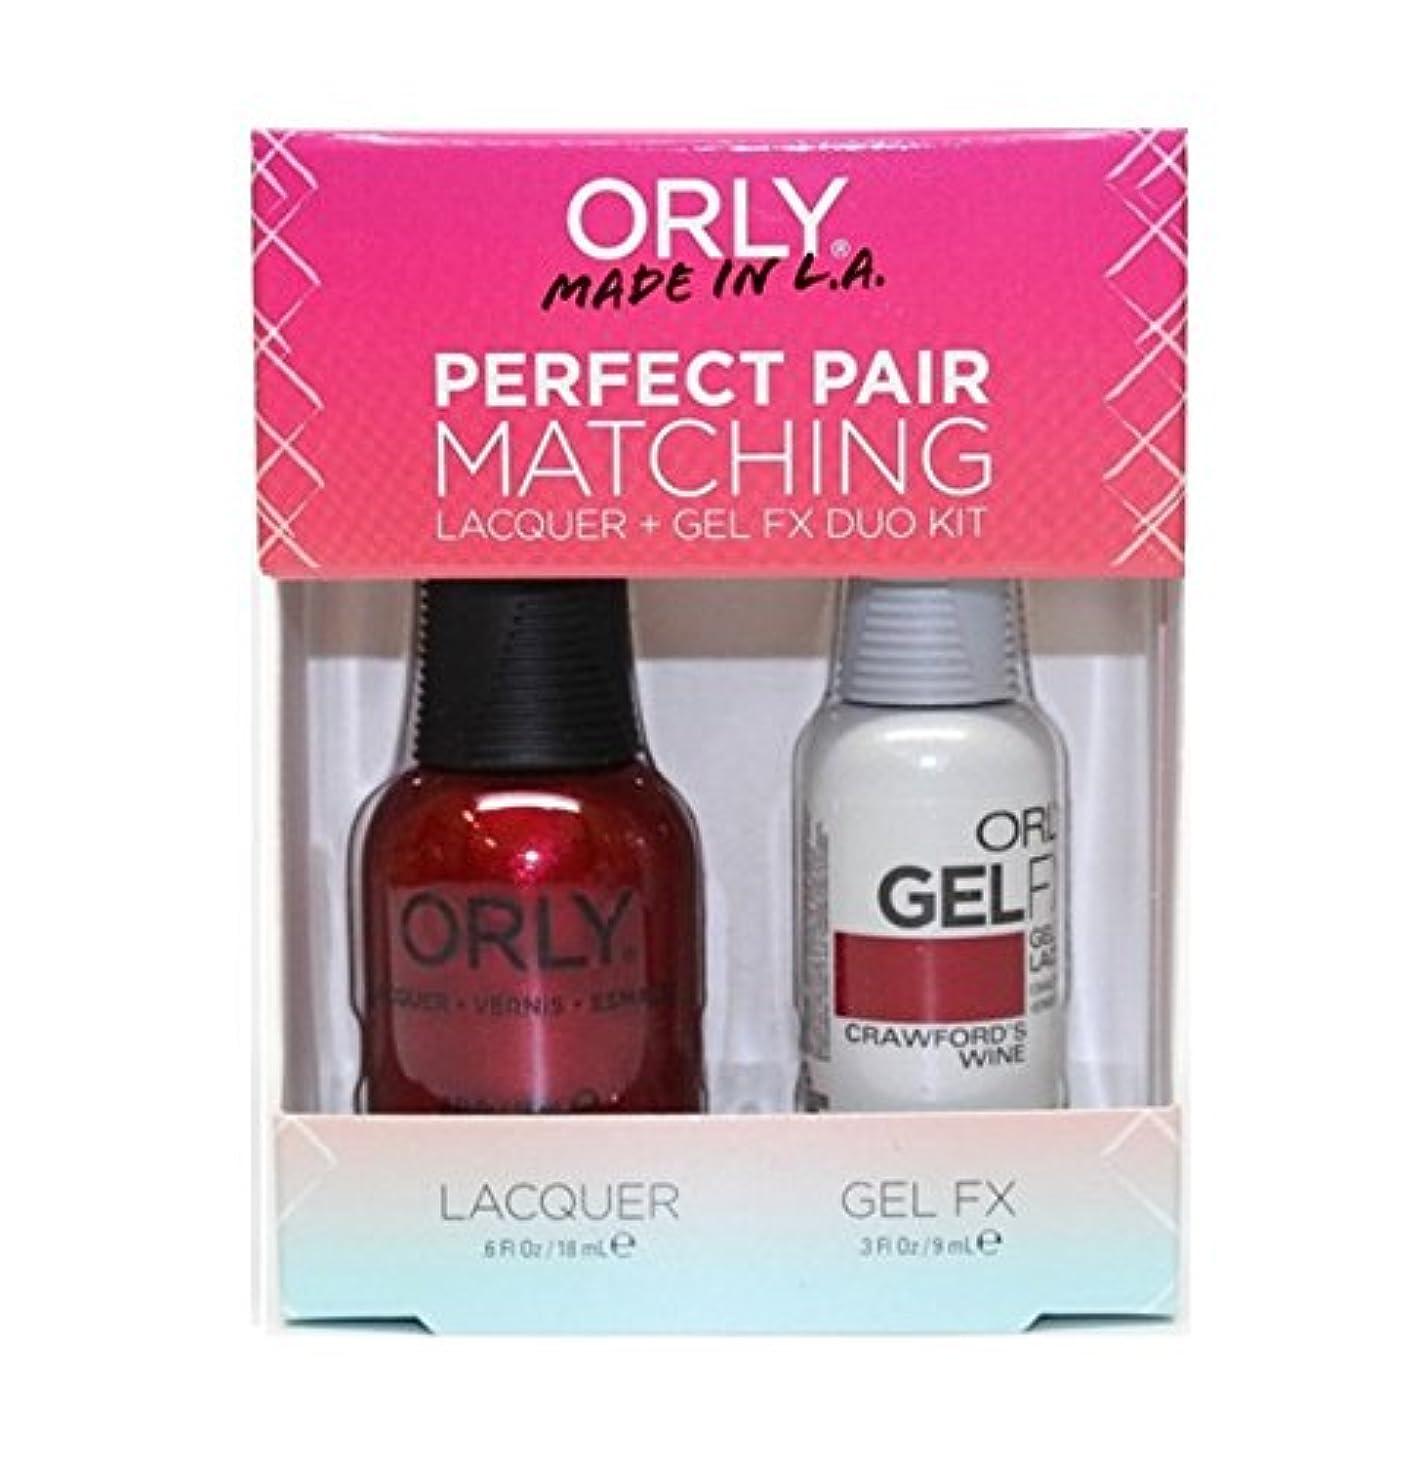 エンドウヶ月目変動するOrly - Perfect Pair Matching Lacquer+Gel FX Kit - Crawford's Wine - 0.6 oz / 0.3 oz